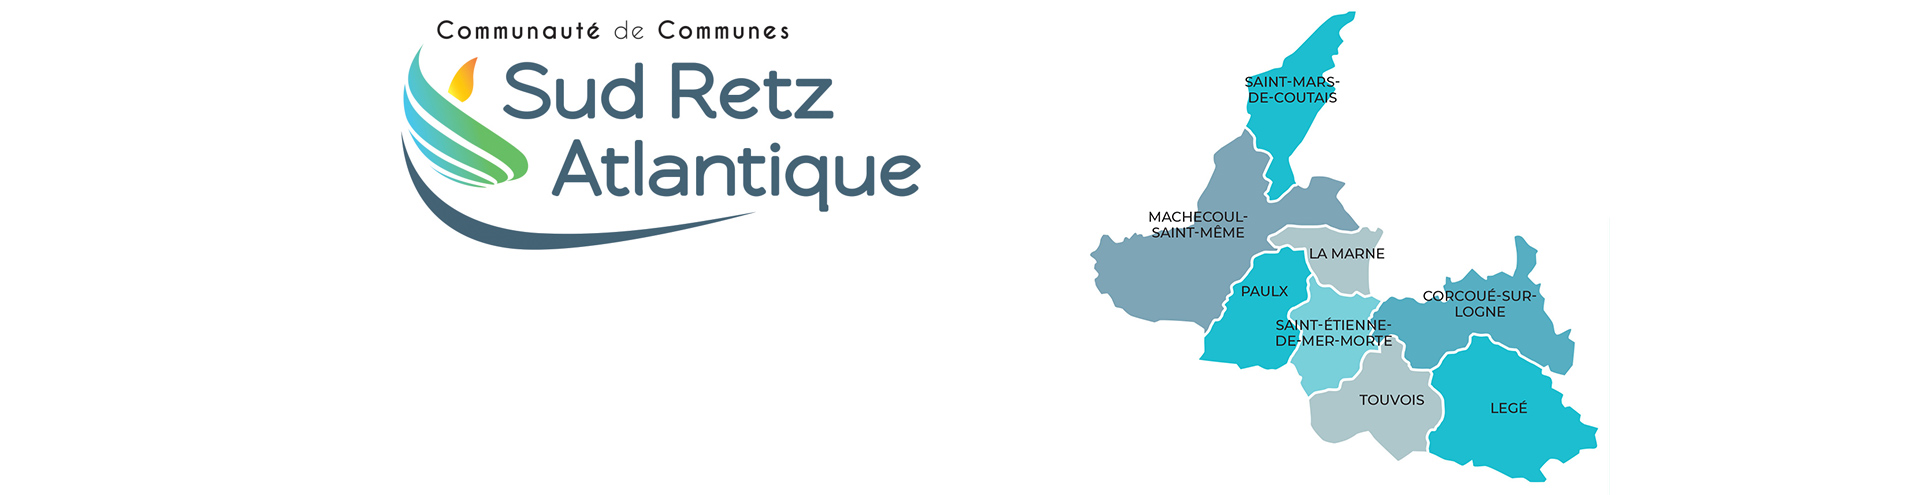 Carte Sud Retz Atlantique 2021 Communauté de Communes